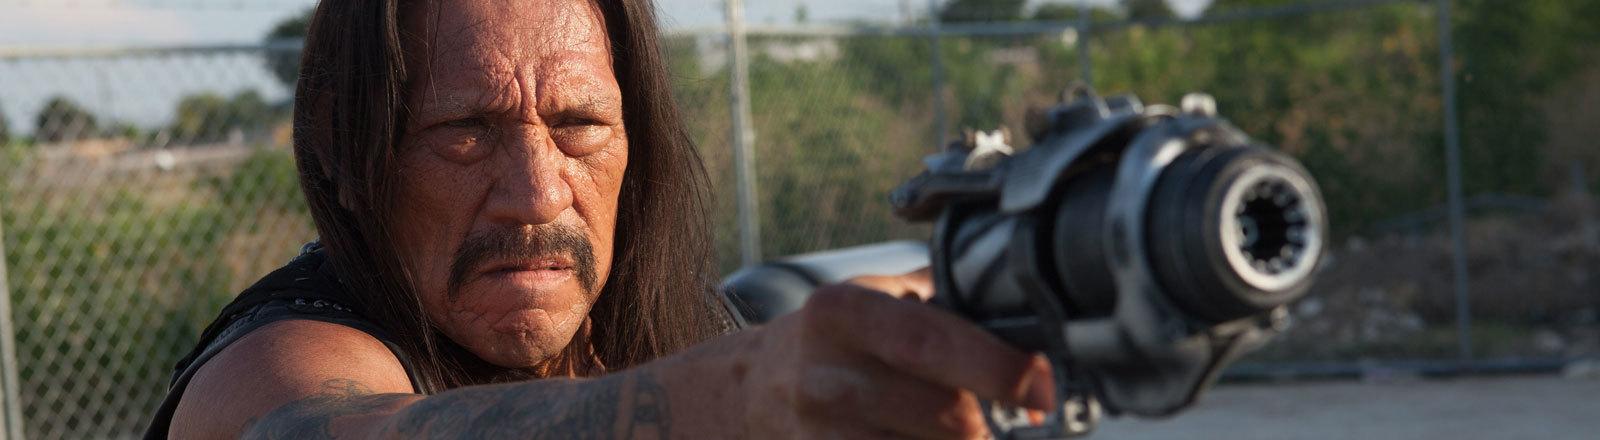 """Der Schauspieler Danny Trejo als Machete in einer undatierten Filmszene des Kinofilms """"Machete Kills""""."""